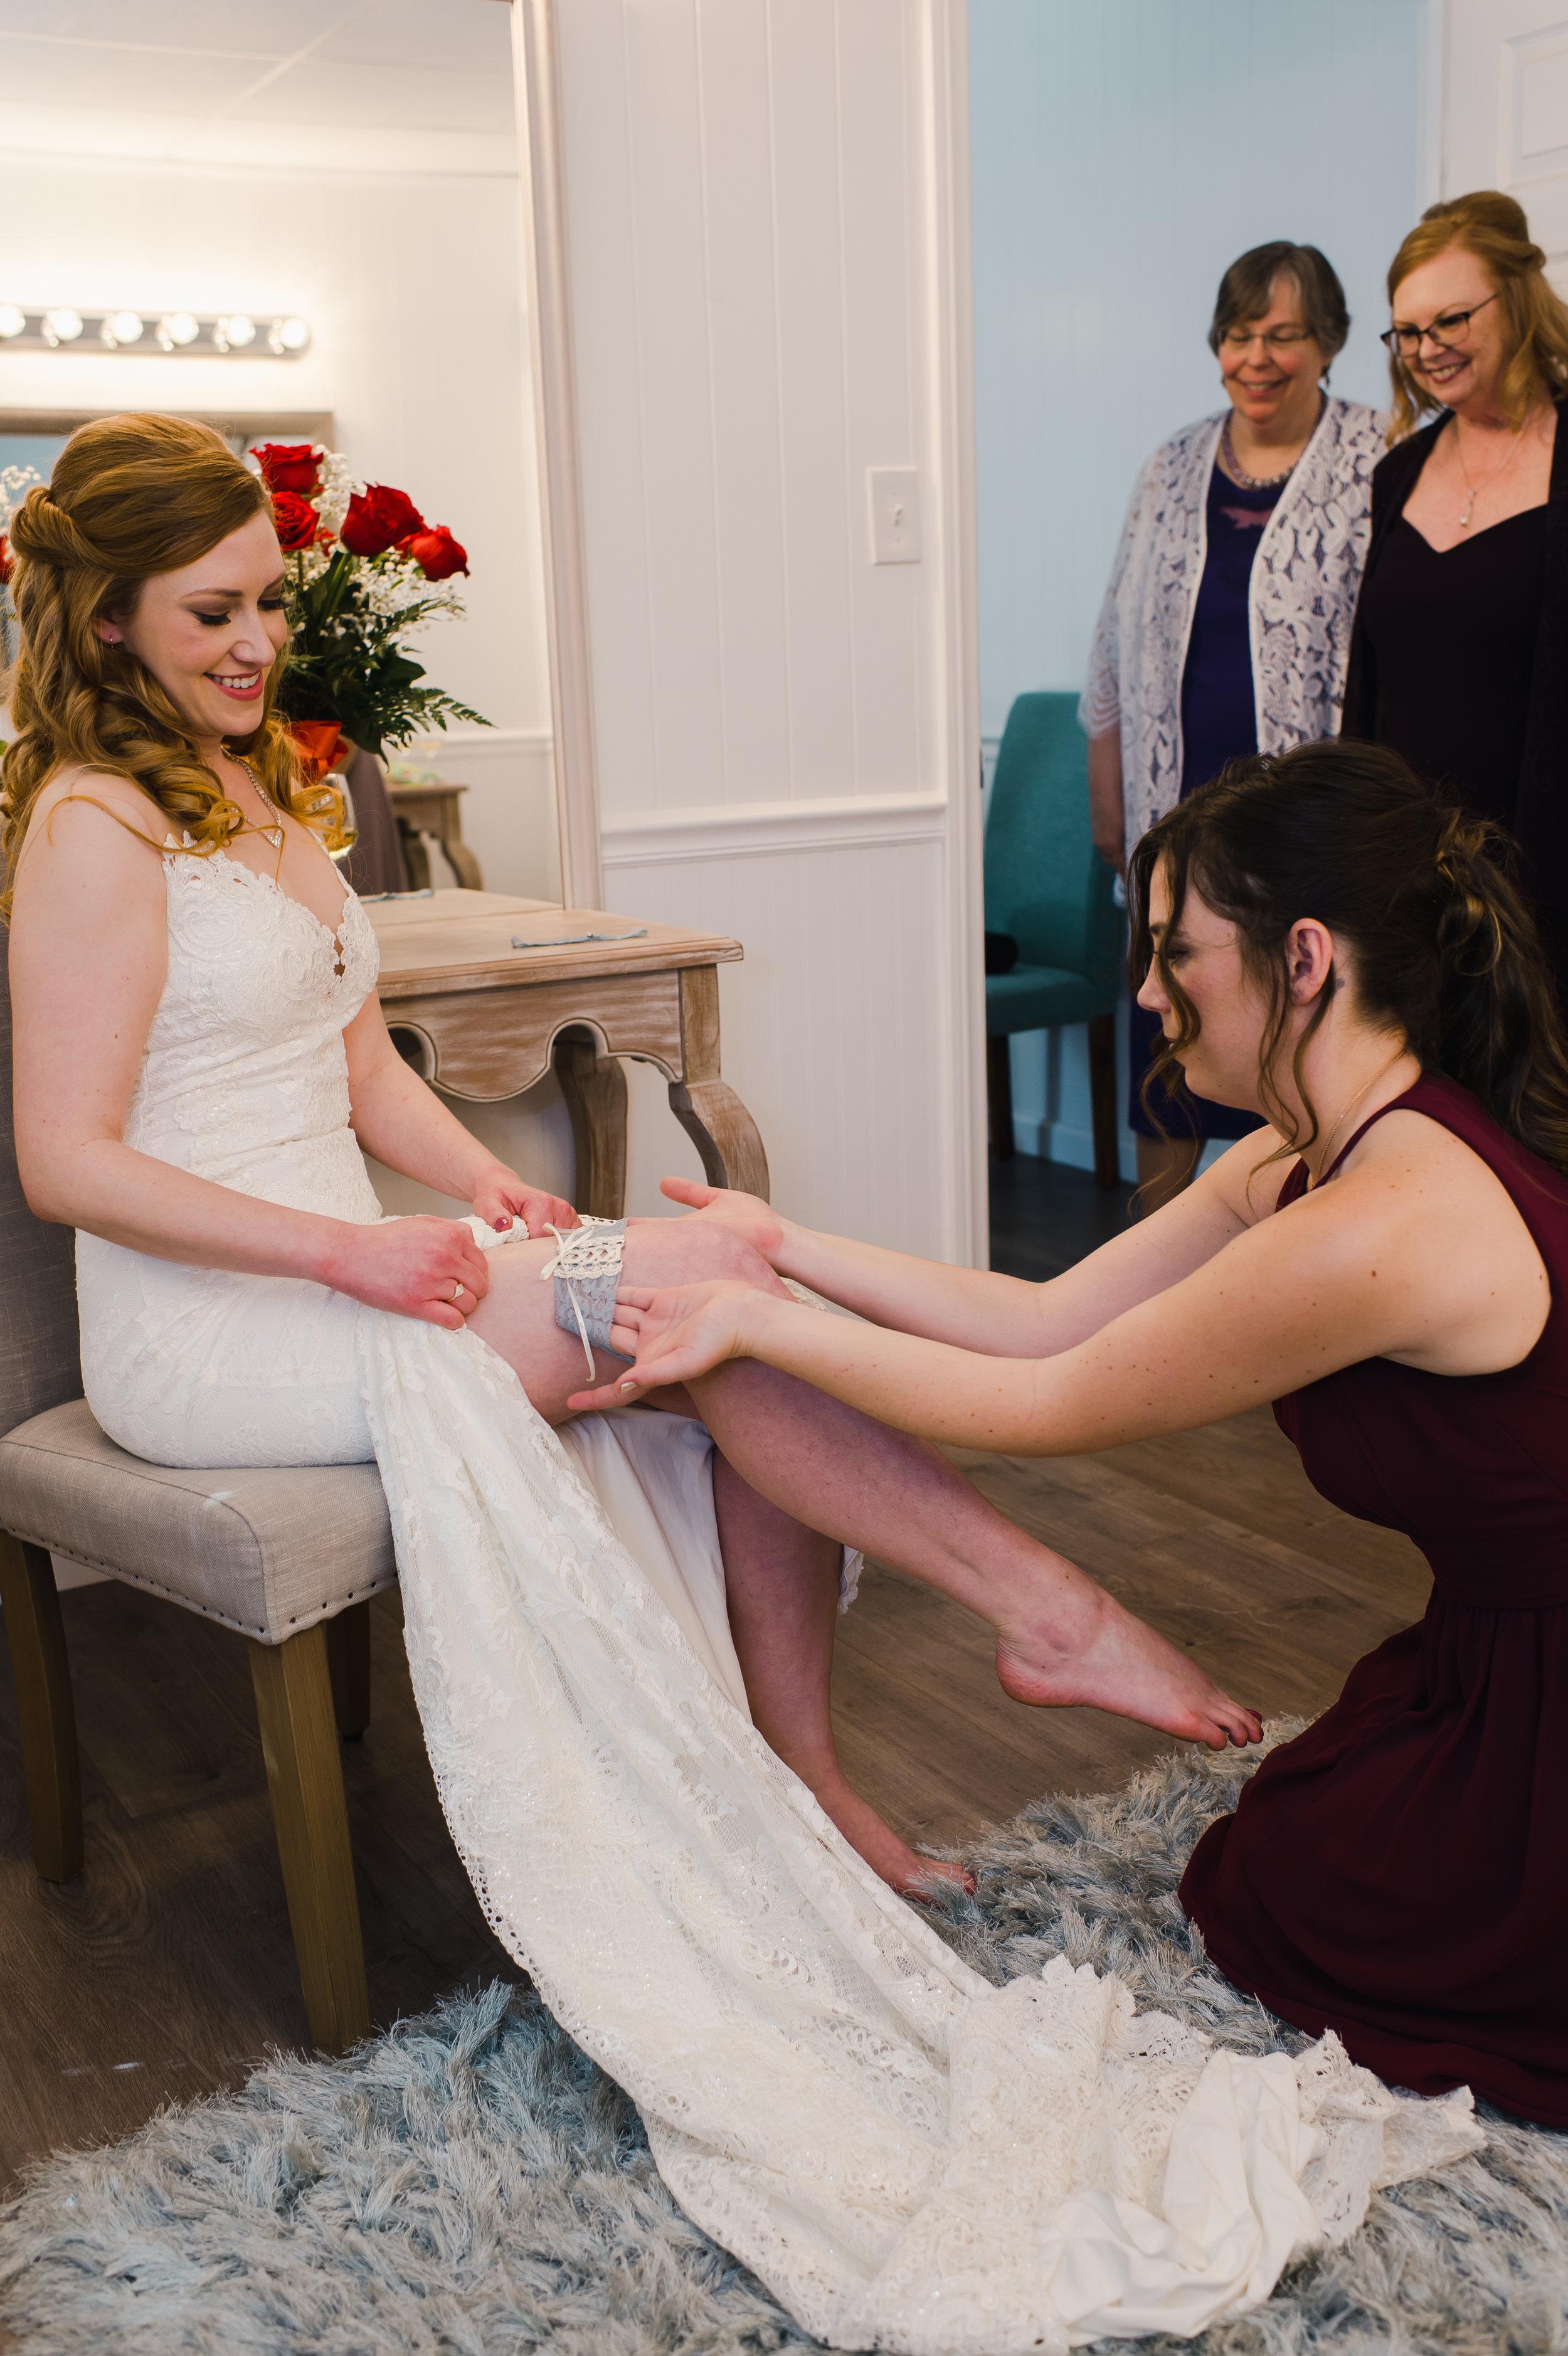 10mountpalomarwineryweddingpictures.jpg